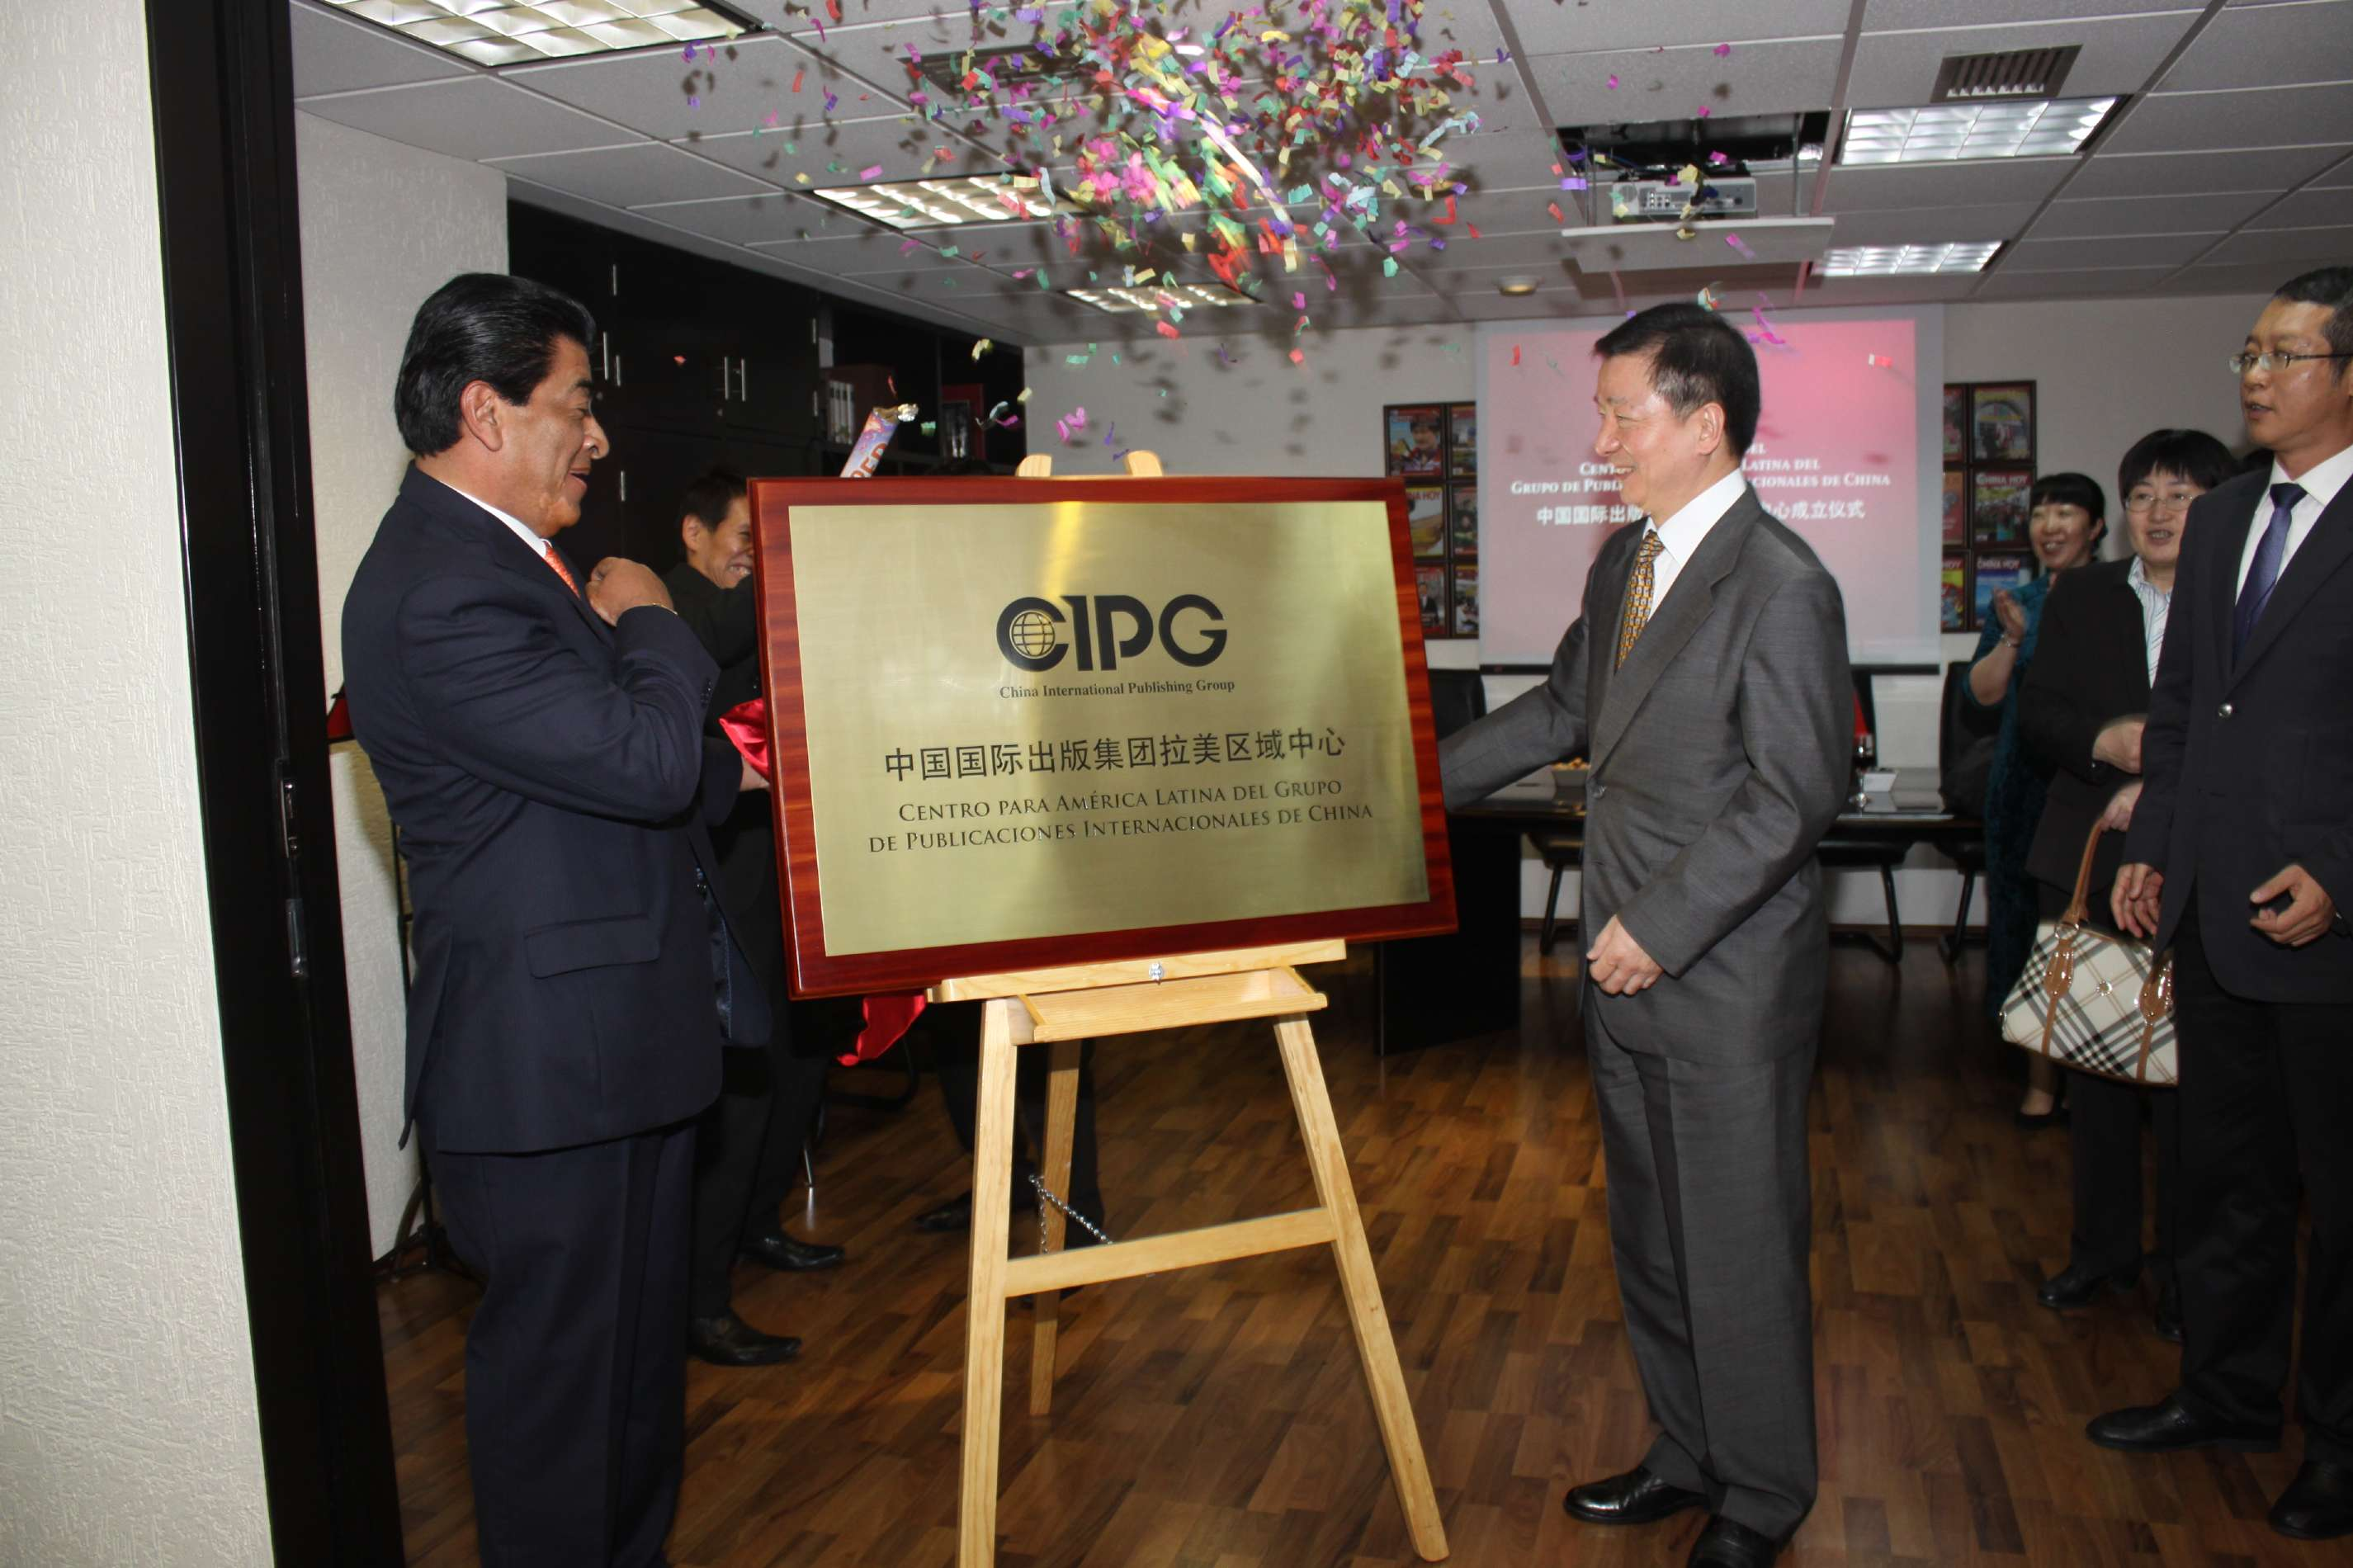 Inauguran en México el Centro para América Latina del Grupo de Publicaciones Internacionales de China